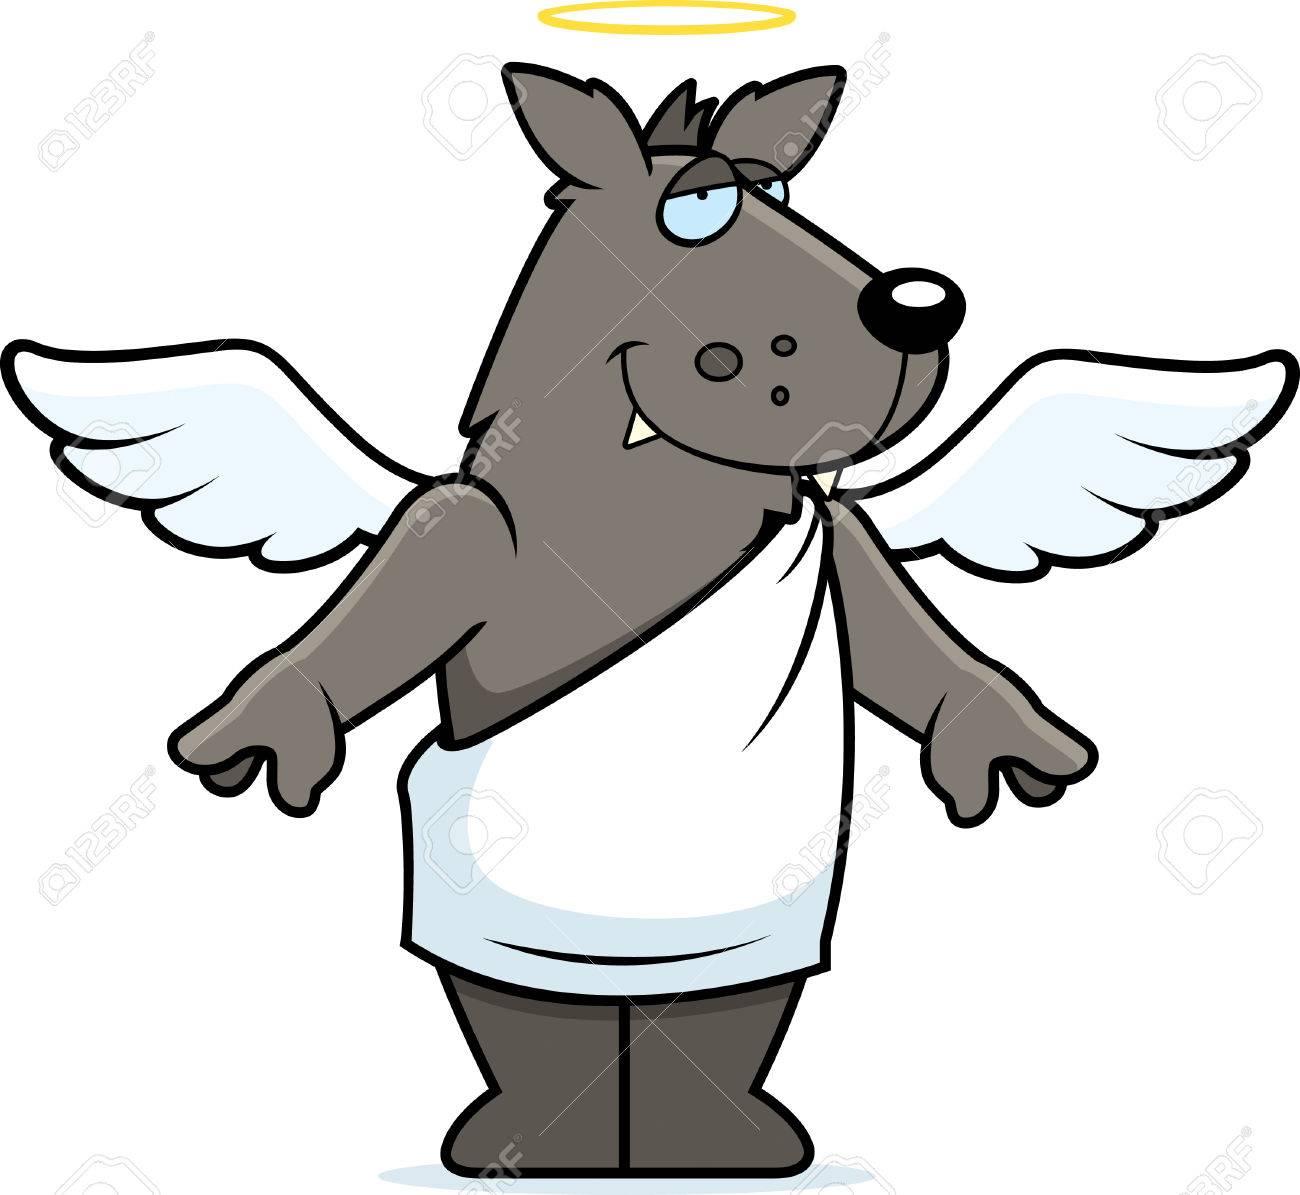 Un Lobo De Dibujos Animados Feliz Con Alas De ángel Y Halo